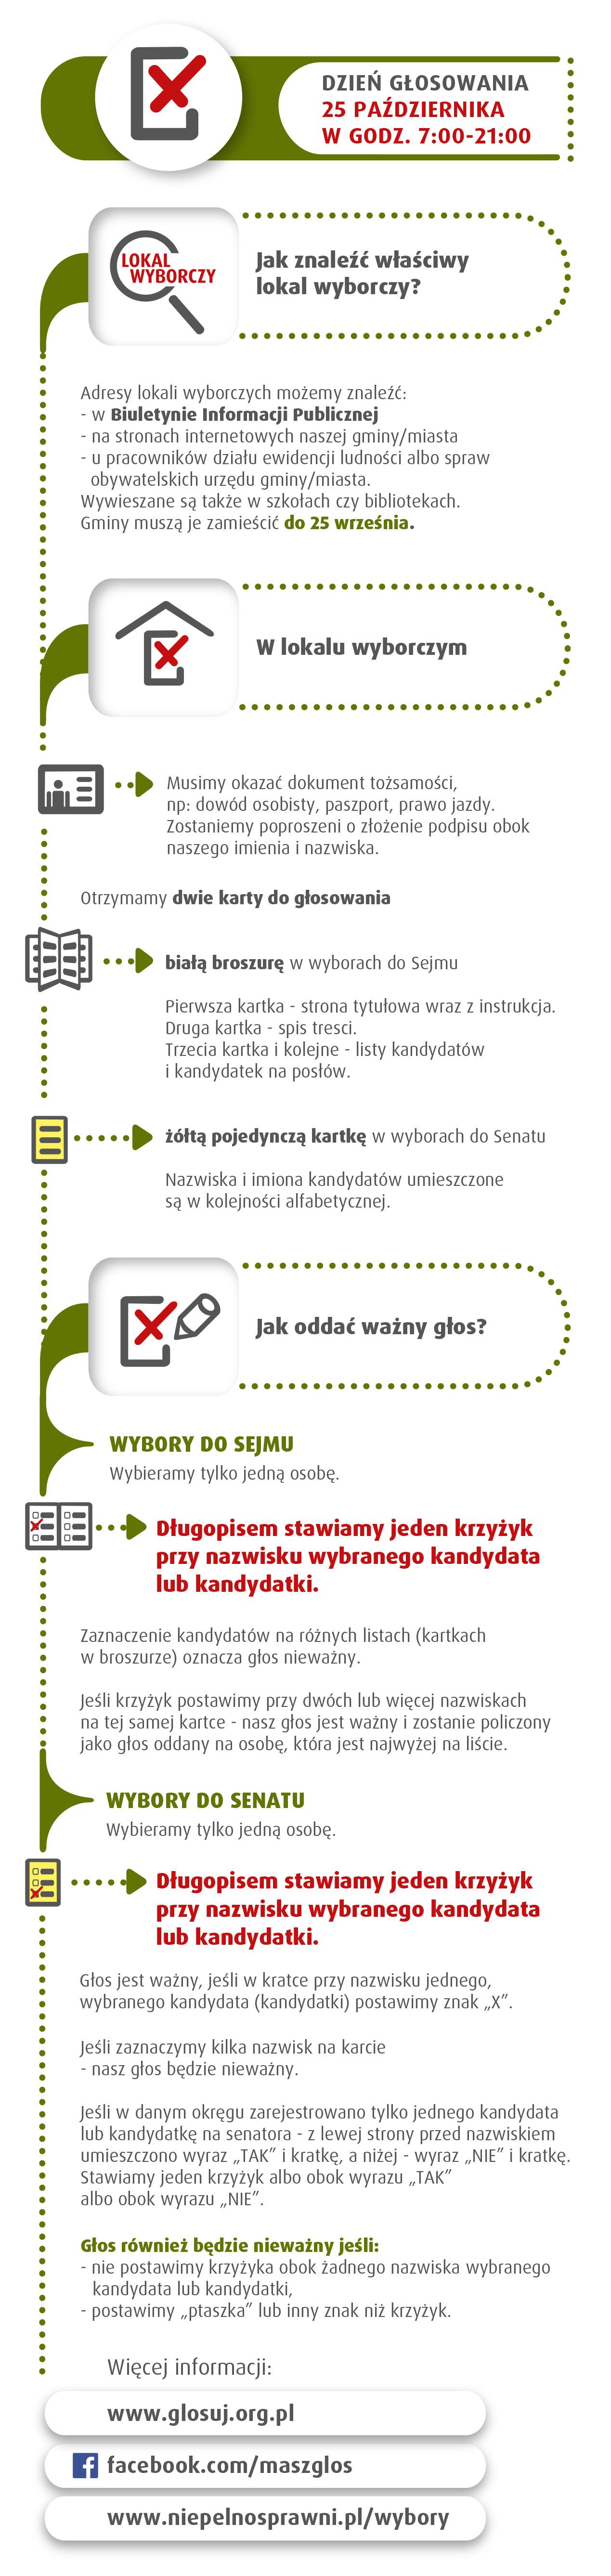 MGMW_Wybory2015_infograf_DzienGlosowania_5